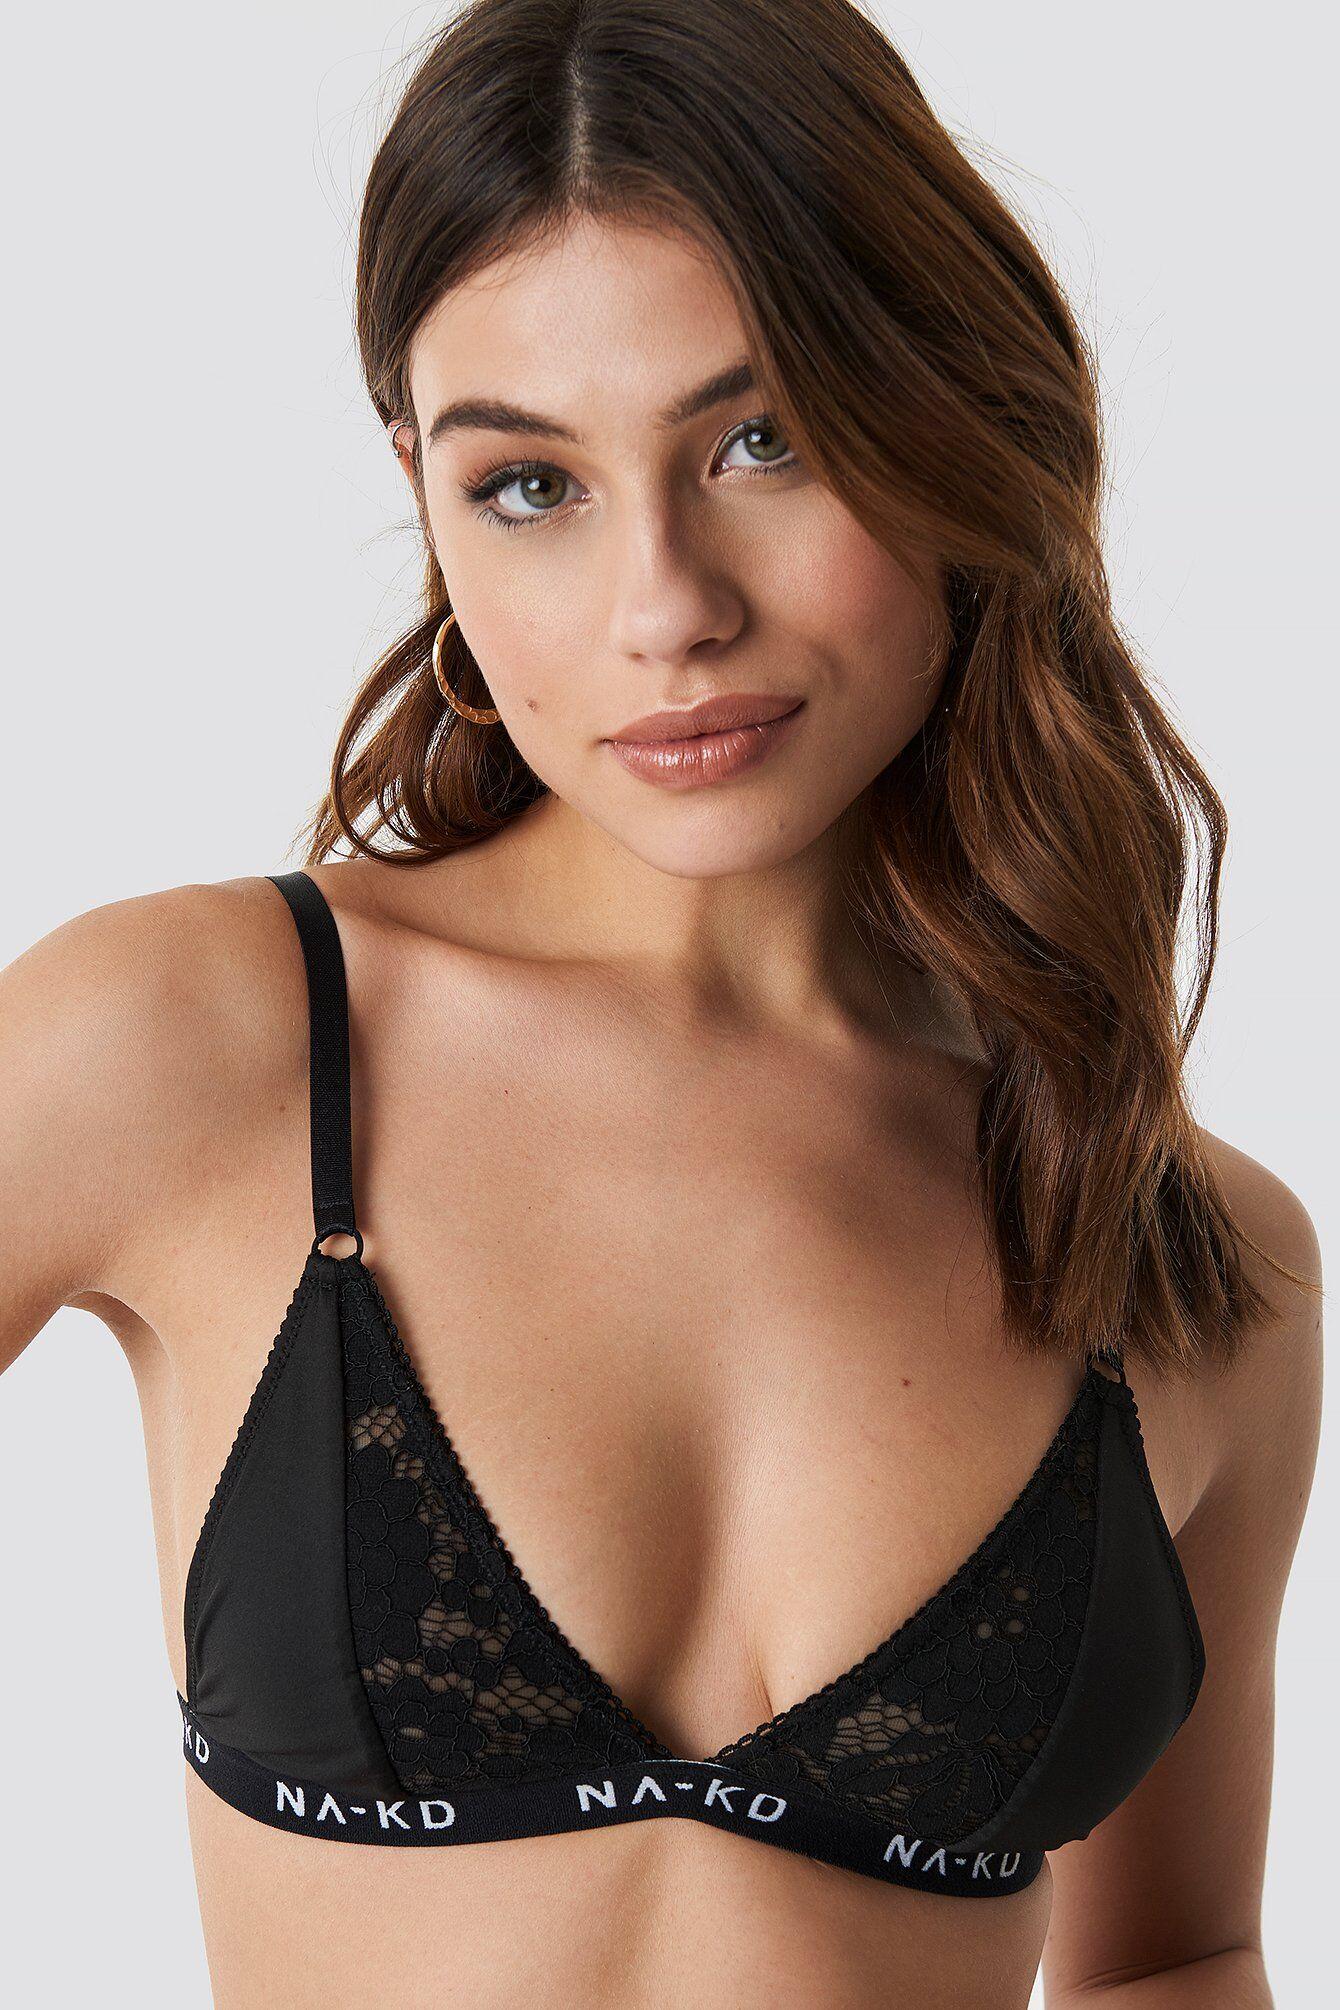 NA-KD Lingerie Branded Elastic Lace Bra - Black